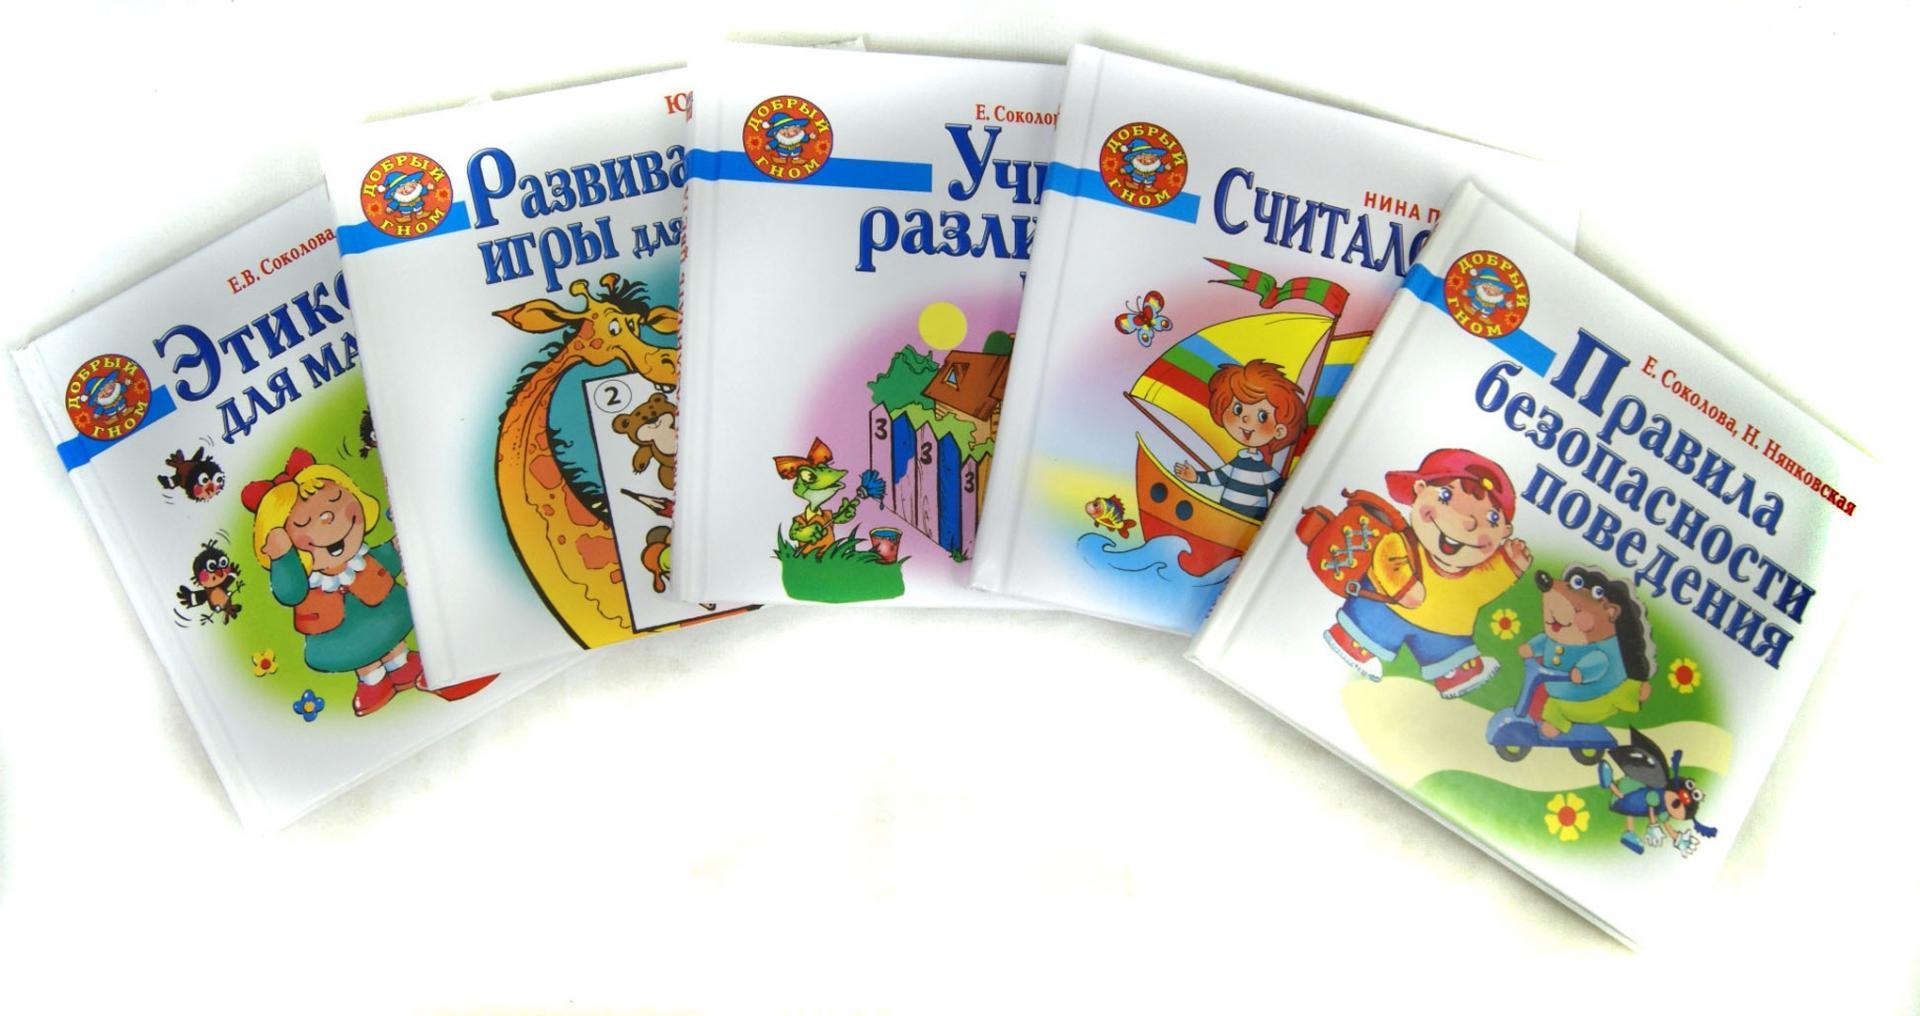 Иллюстрация 1 из 20 для Первые книжки для маленьких умничек. Комплект из 5 книг - Соколова, Нянковская, Вавилов | Лабиринт - книги. Источник: Лабиринт